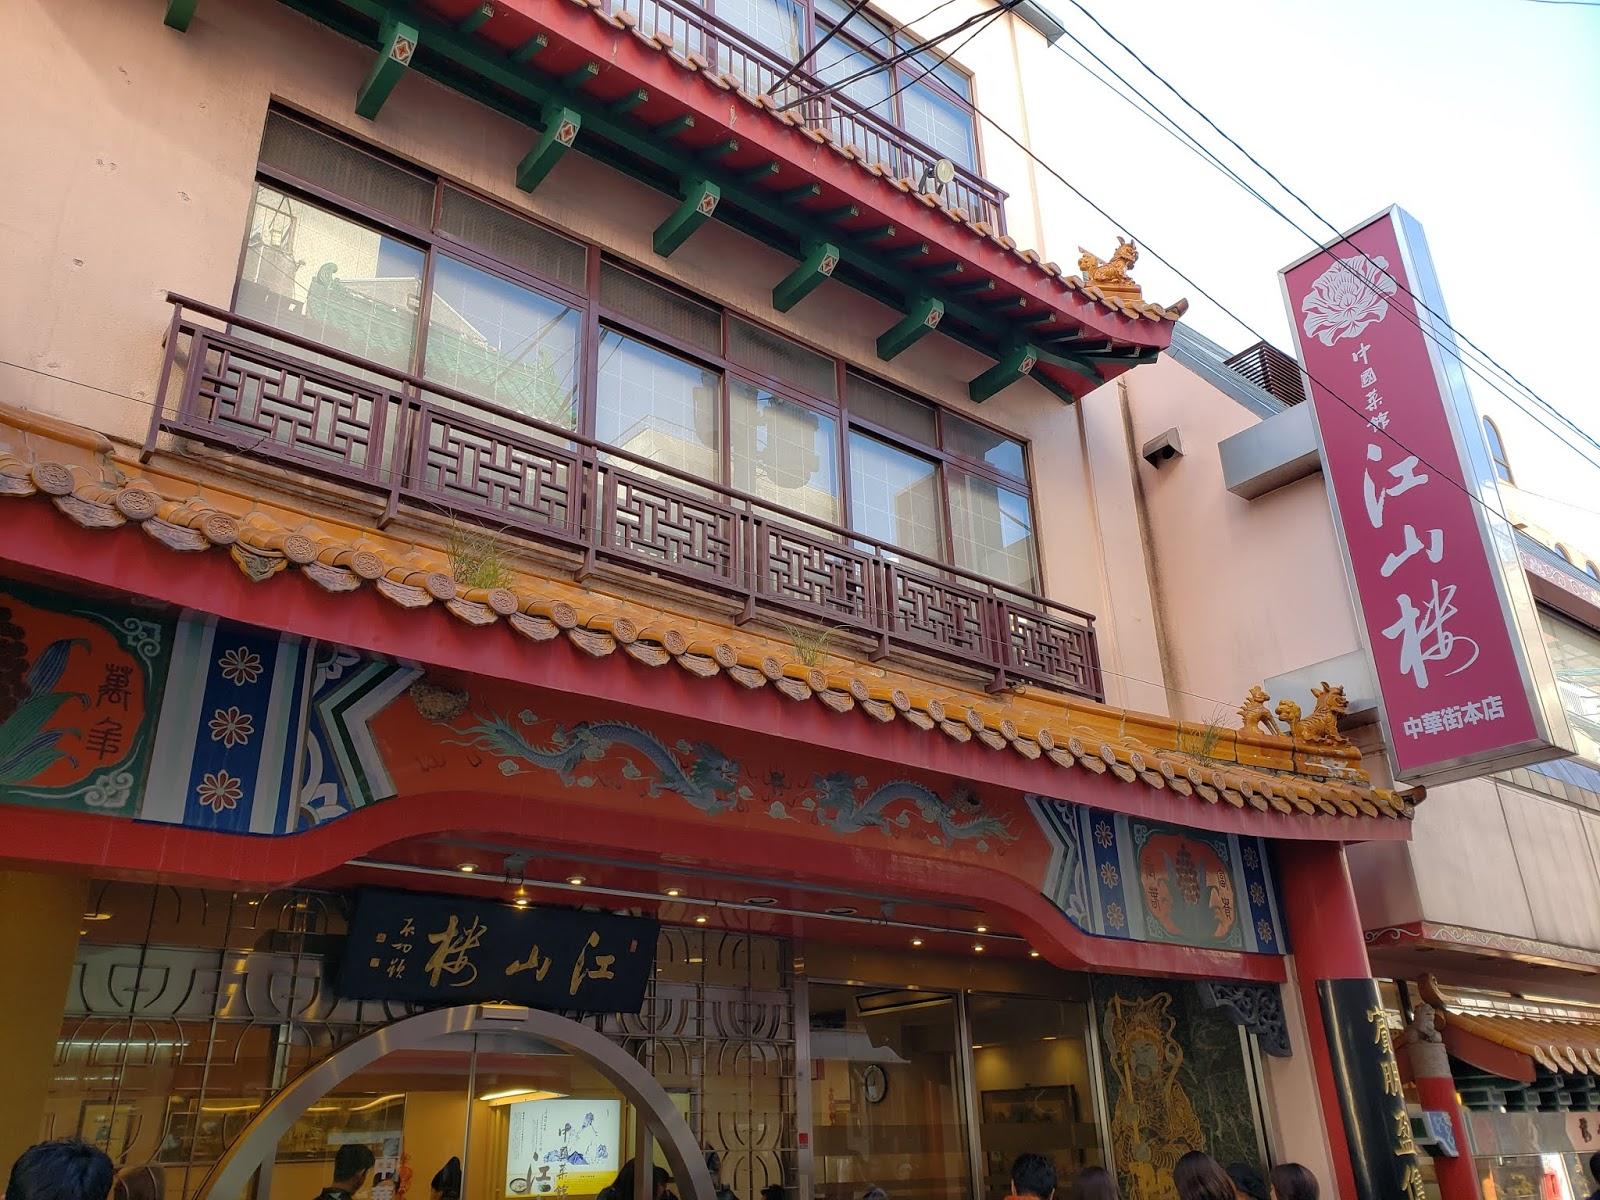 江山楼(長崎中華街本店)